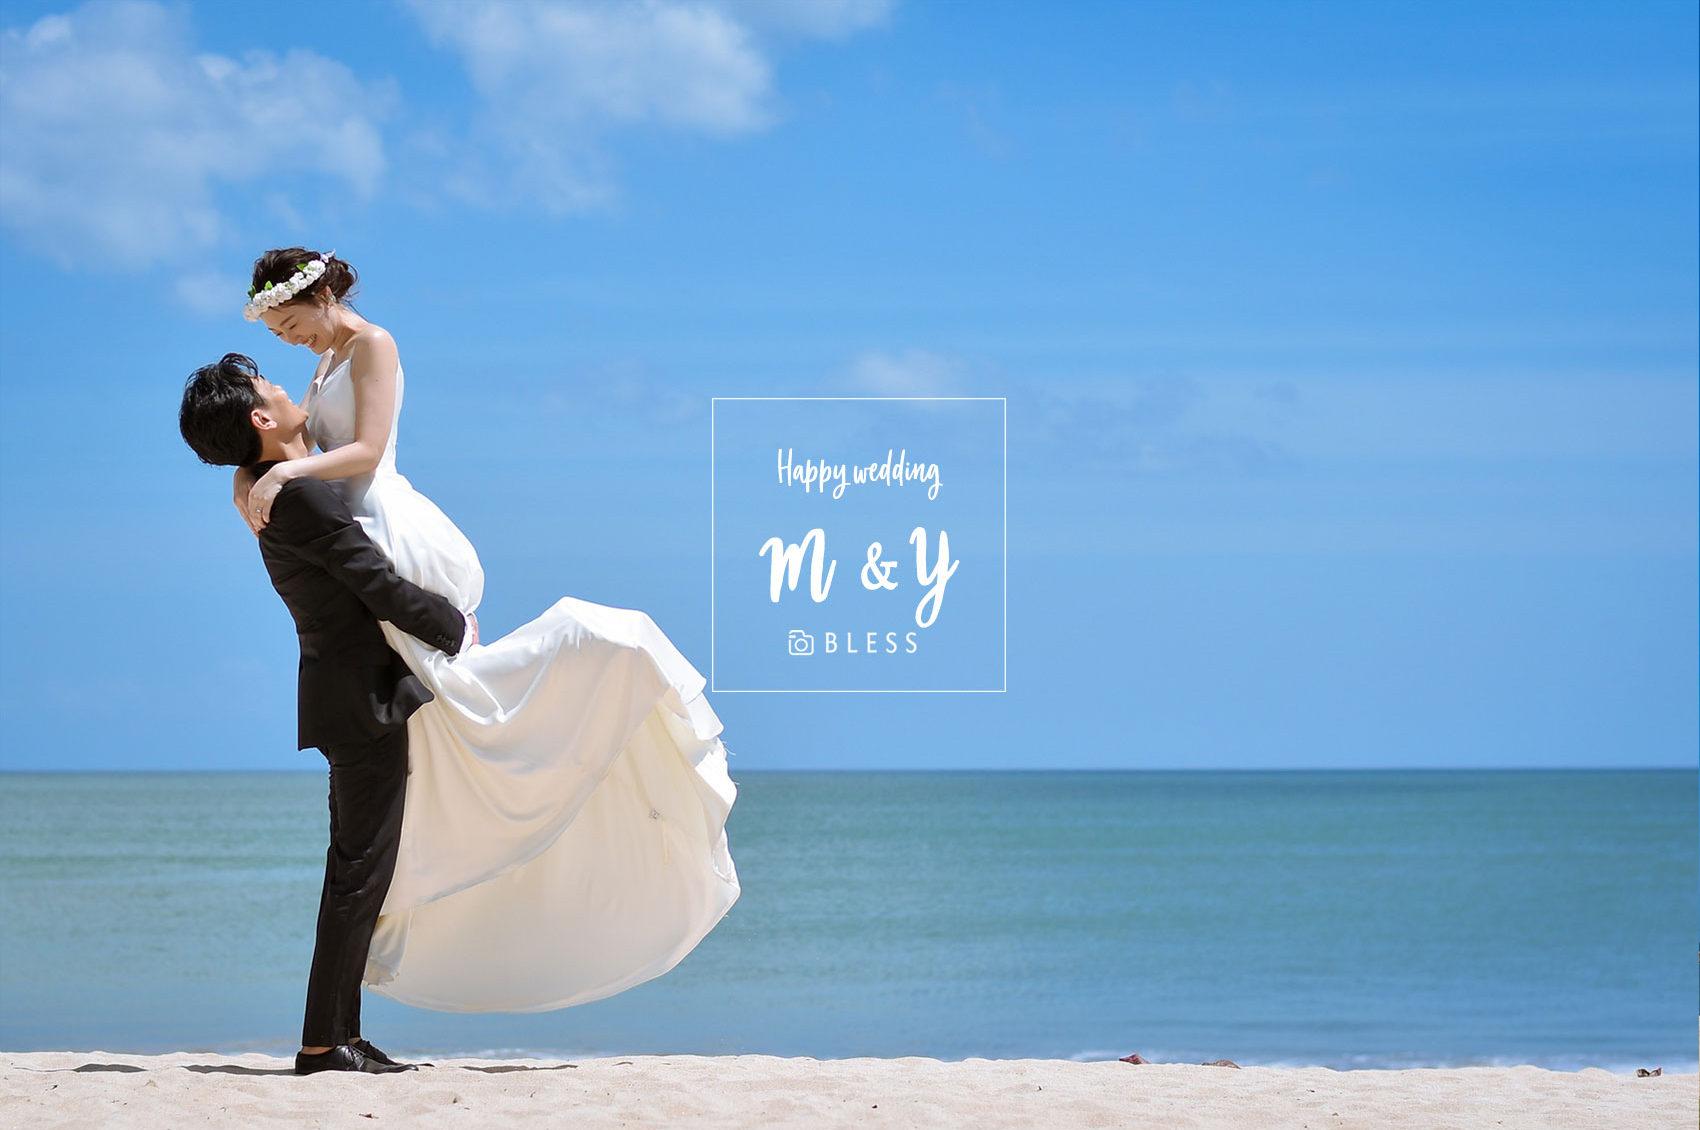 【お客様レポ#241】日本人ヘアメイク&ドレスご利用♡ M&Y様の青空ビーチフォト